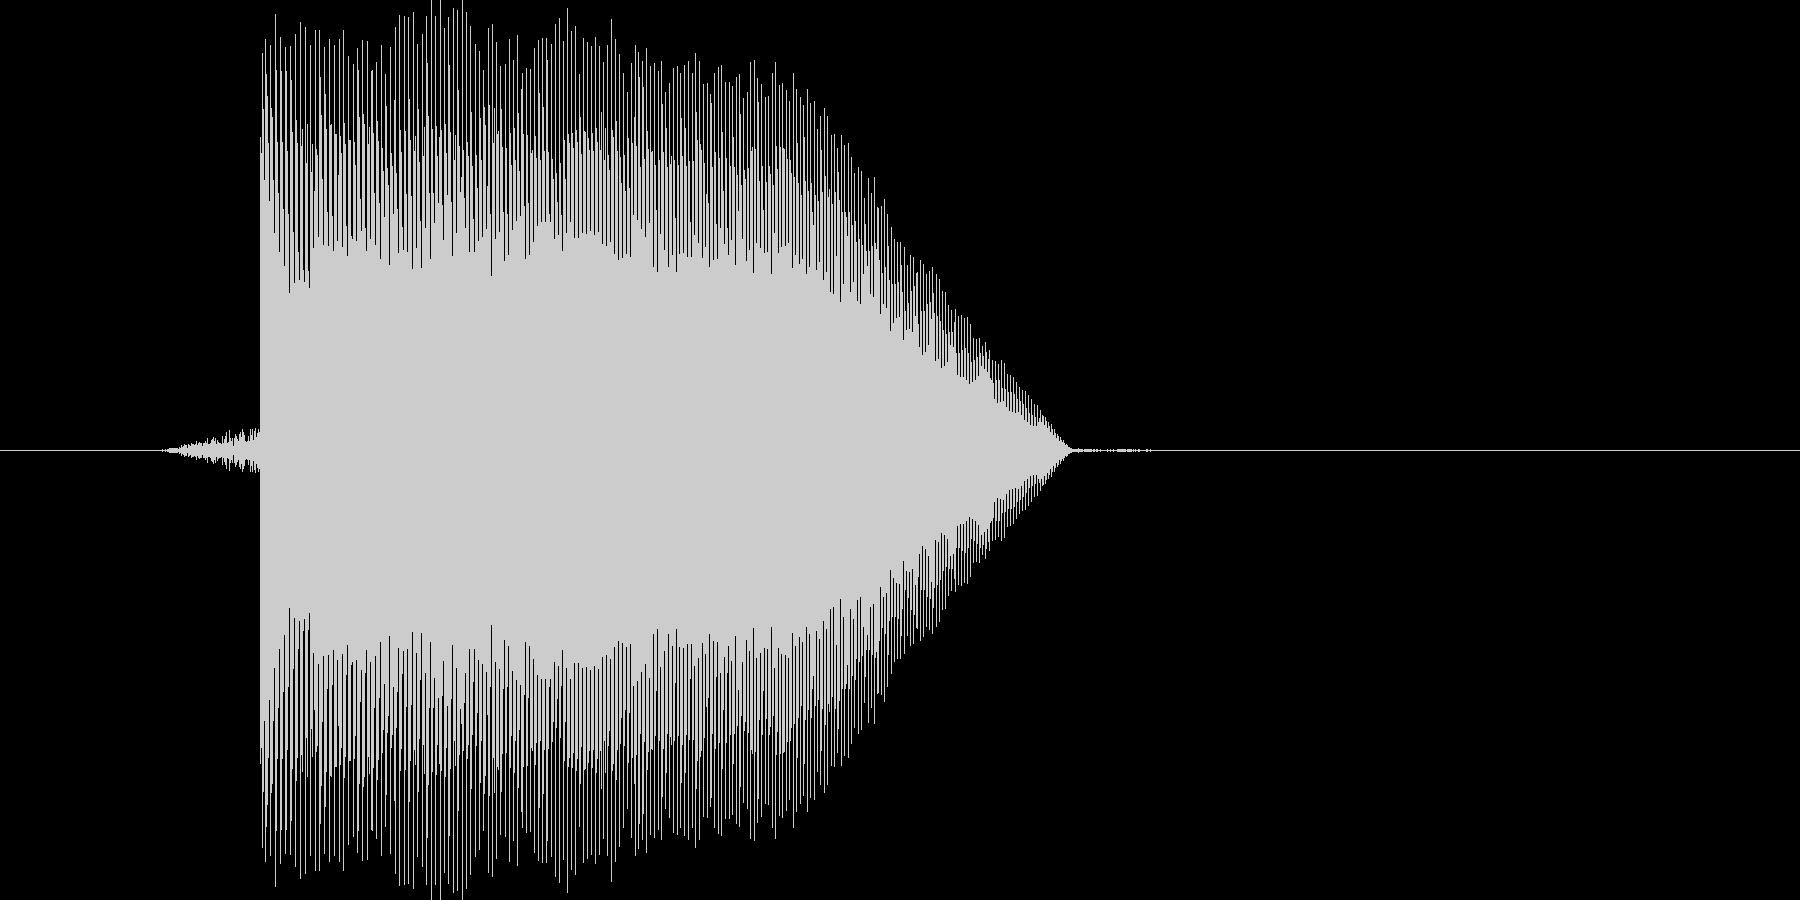 ゲーム(ファミコン風)ジャンプ音_001の未再生の波形